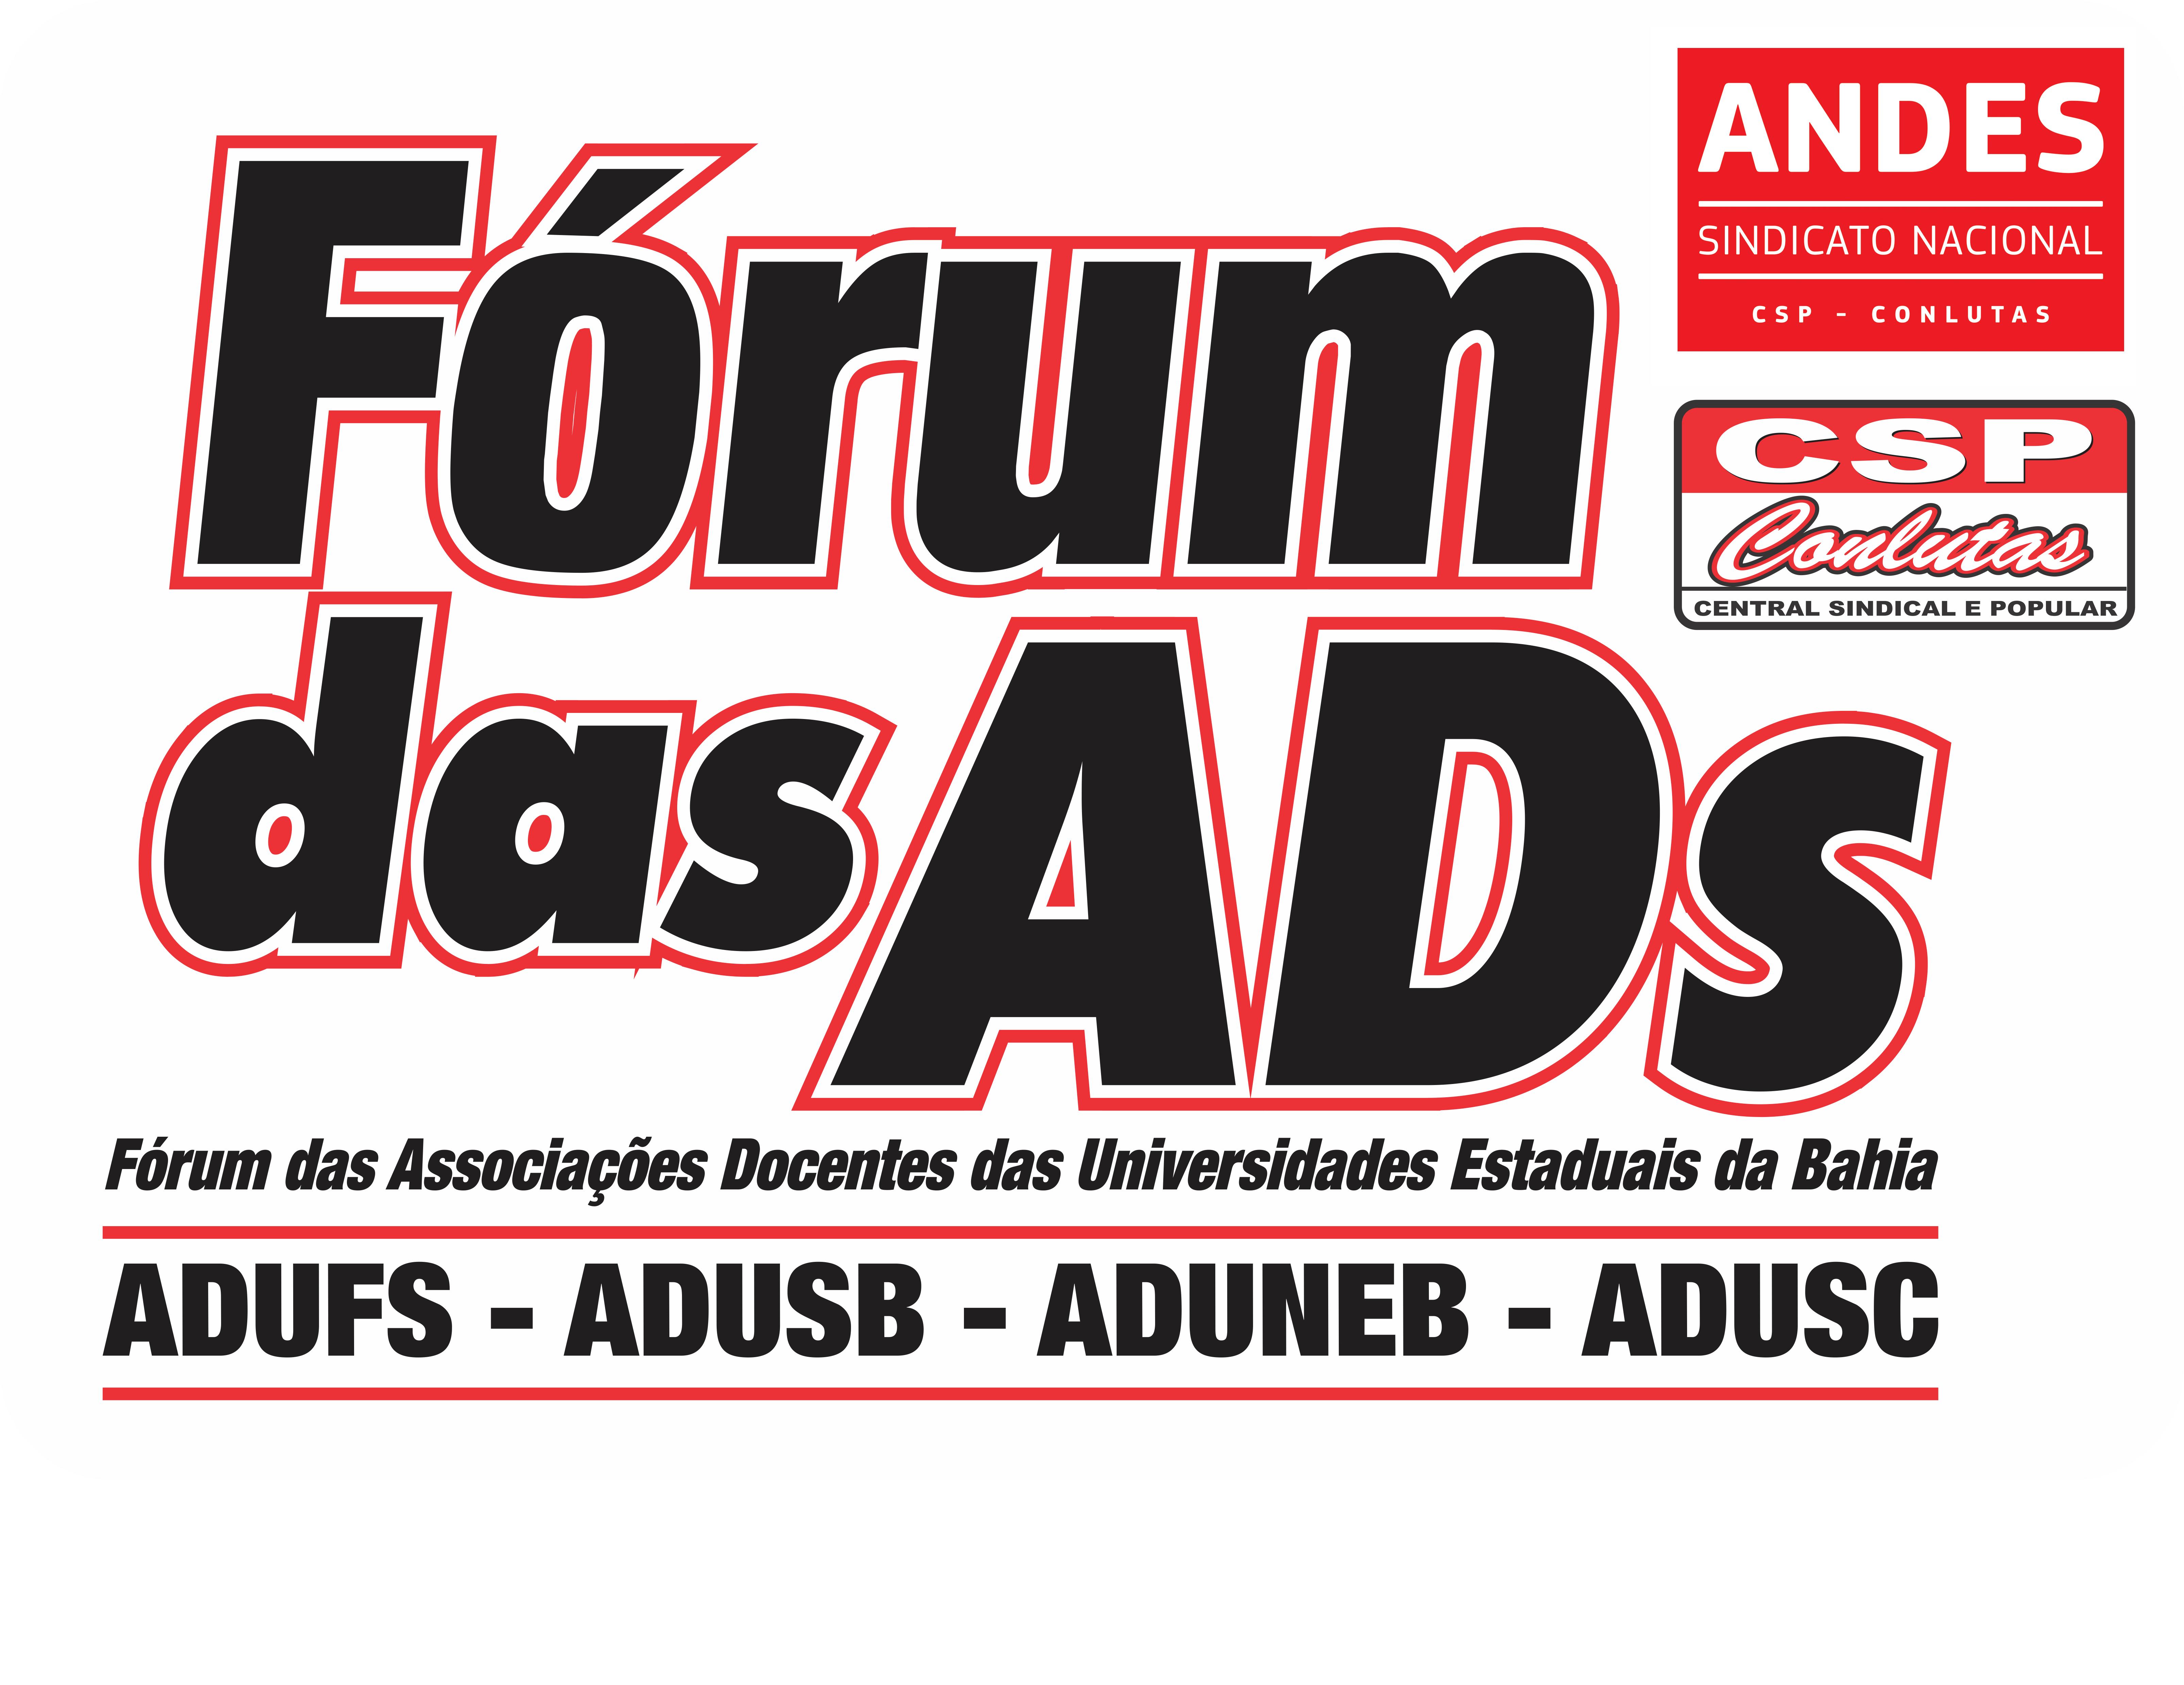 Fórum das Ads: NOTA DE REPÚDIO AO PLANSERV PELO DESCREDENCIAMENTO DE UM HOSPITAL EM FEIRA DE SANTANA